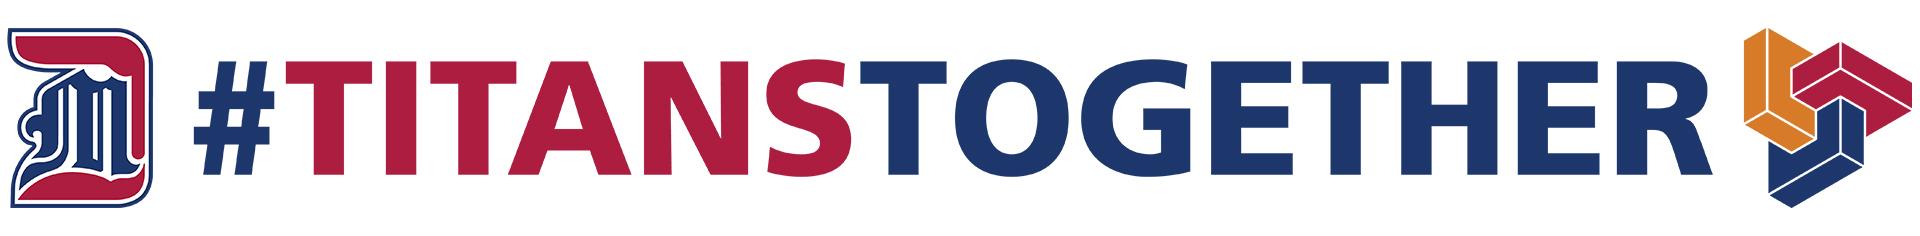 Titans Together Logo